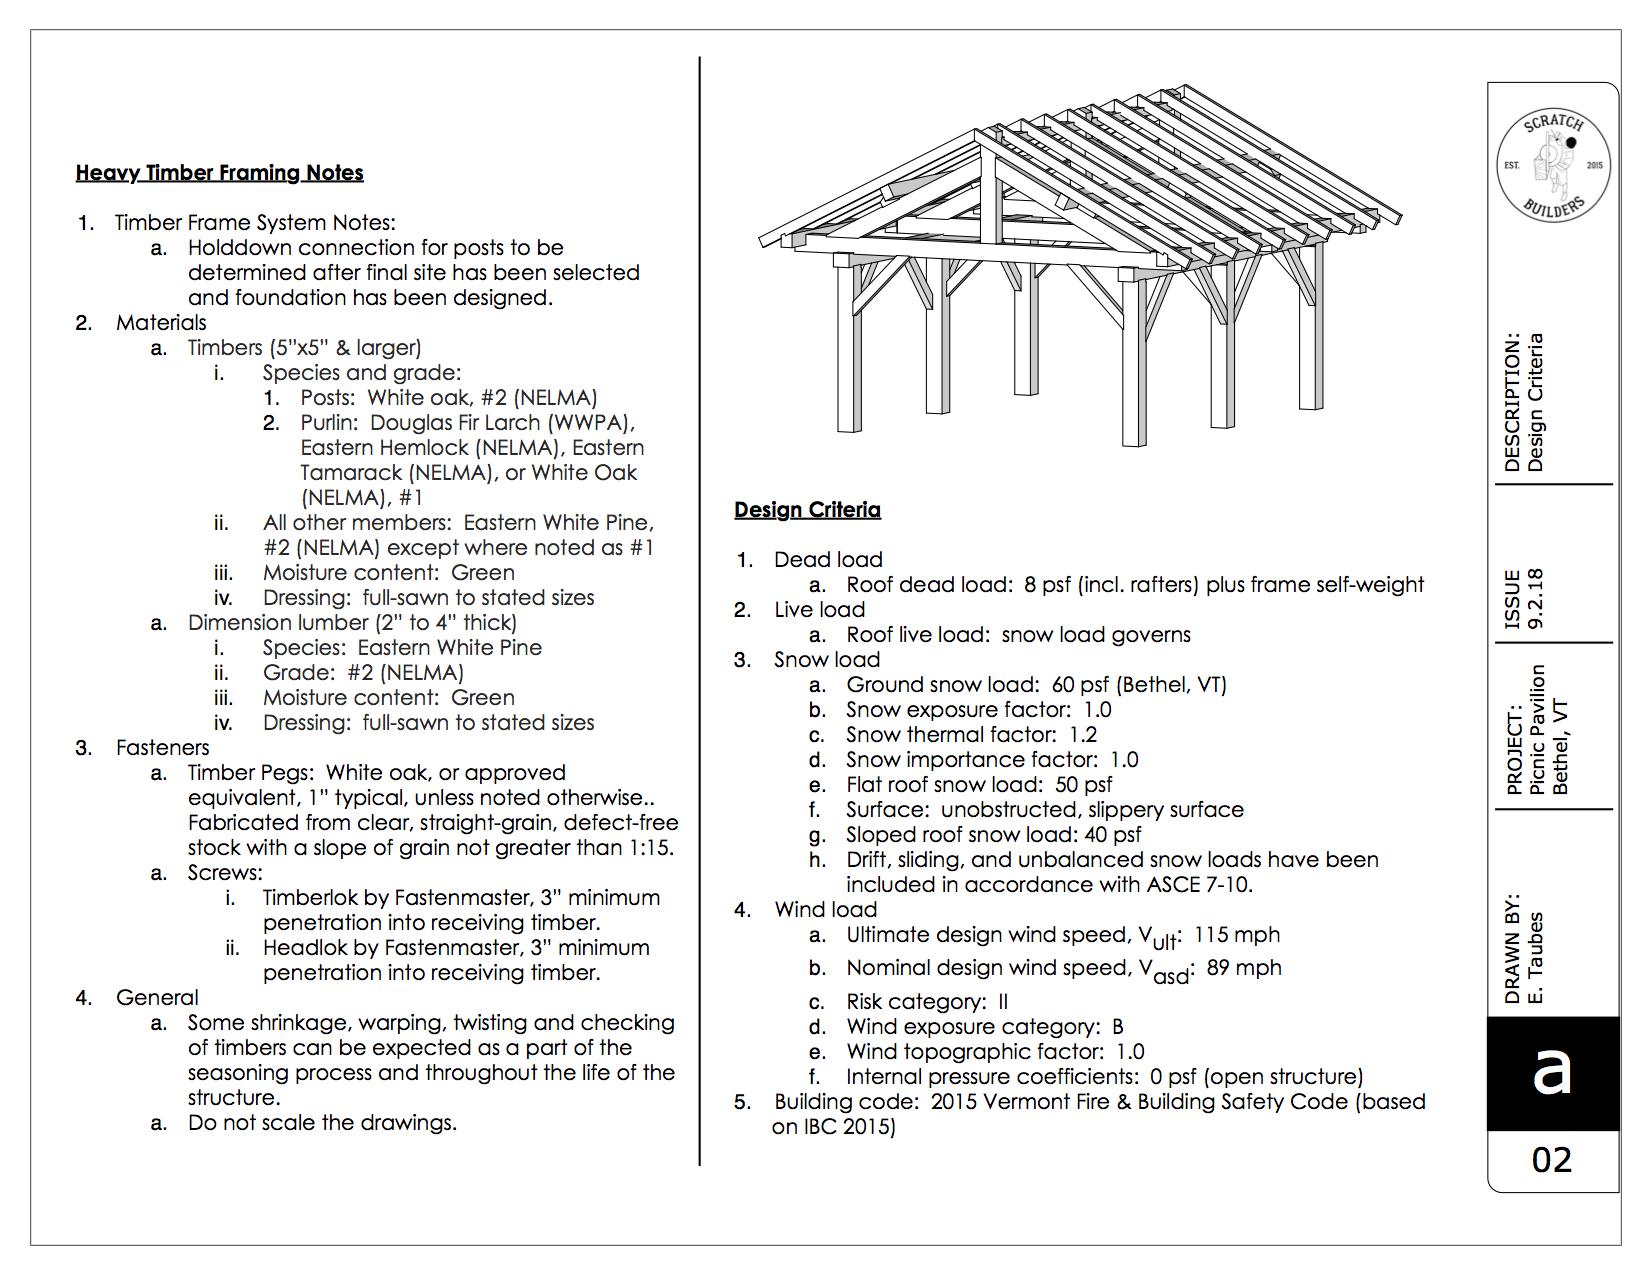 Strafford Drawing copy (dragged) 1.jpg